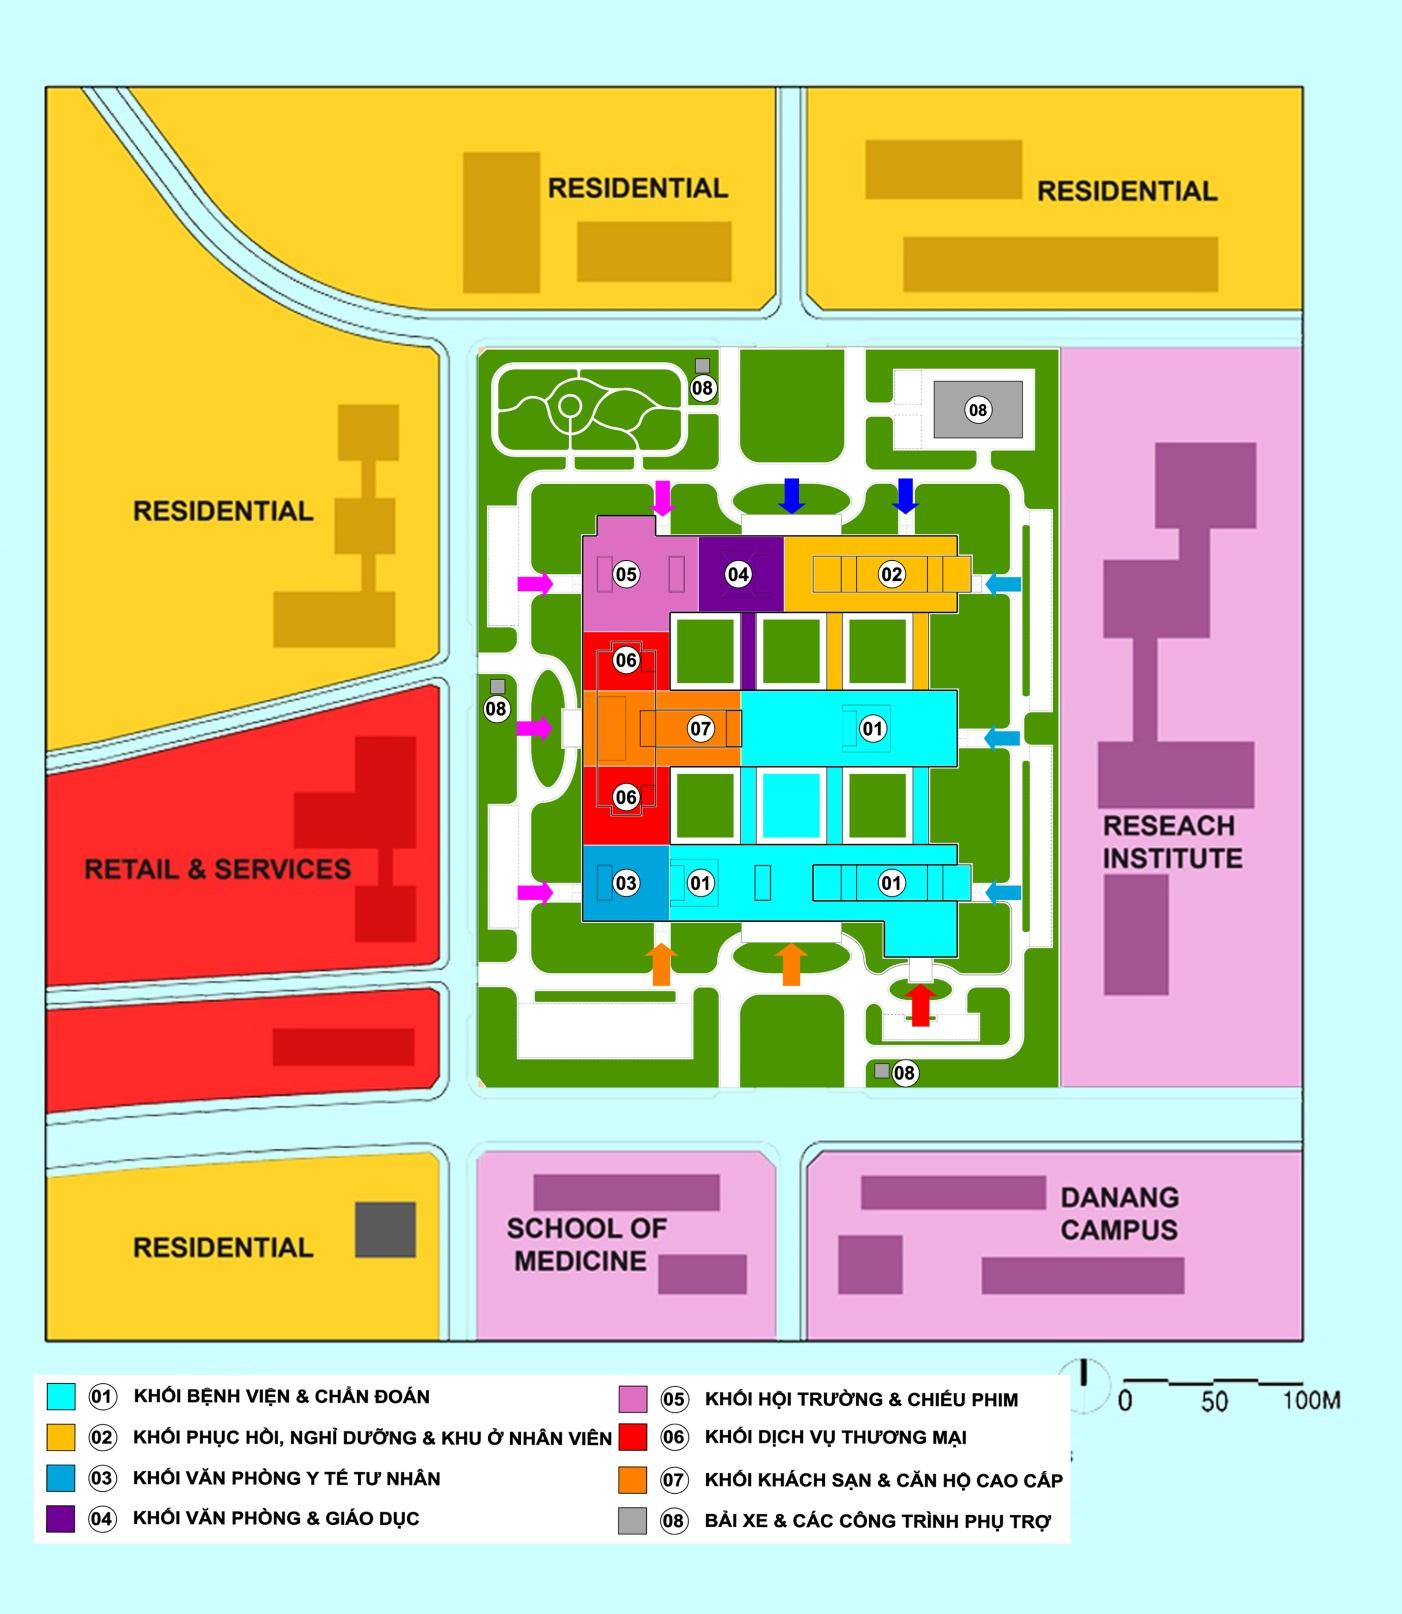 Hình 2 - Tổng mặt bằng Khu Đô thị sức khỏe tại Quận Ngũ Hành Sơn Đà Nẵng, bao gồm Khu trung tâm đa chức năng - Phức hợp Bệnh viện Chất lượng cao HDI (Nguồn: Ngô Viết Nam Sơn)